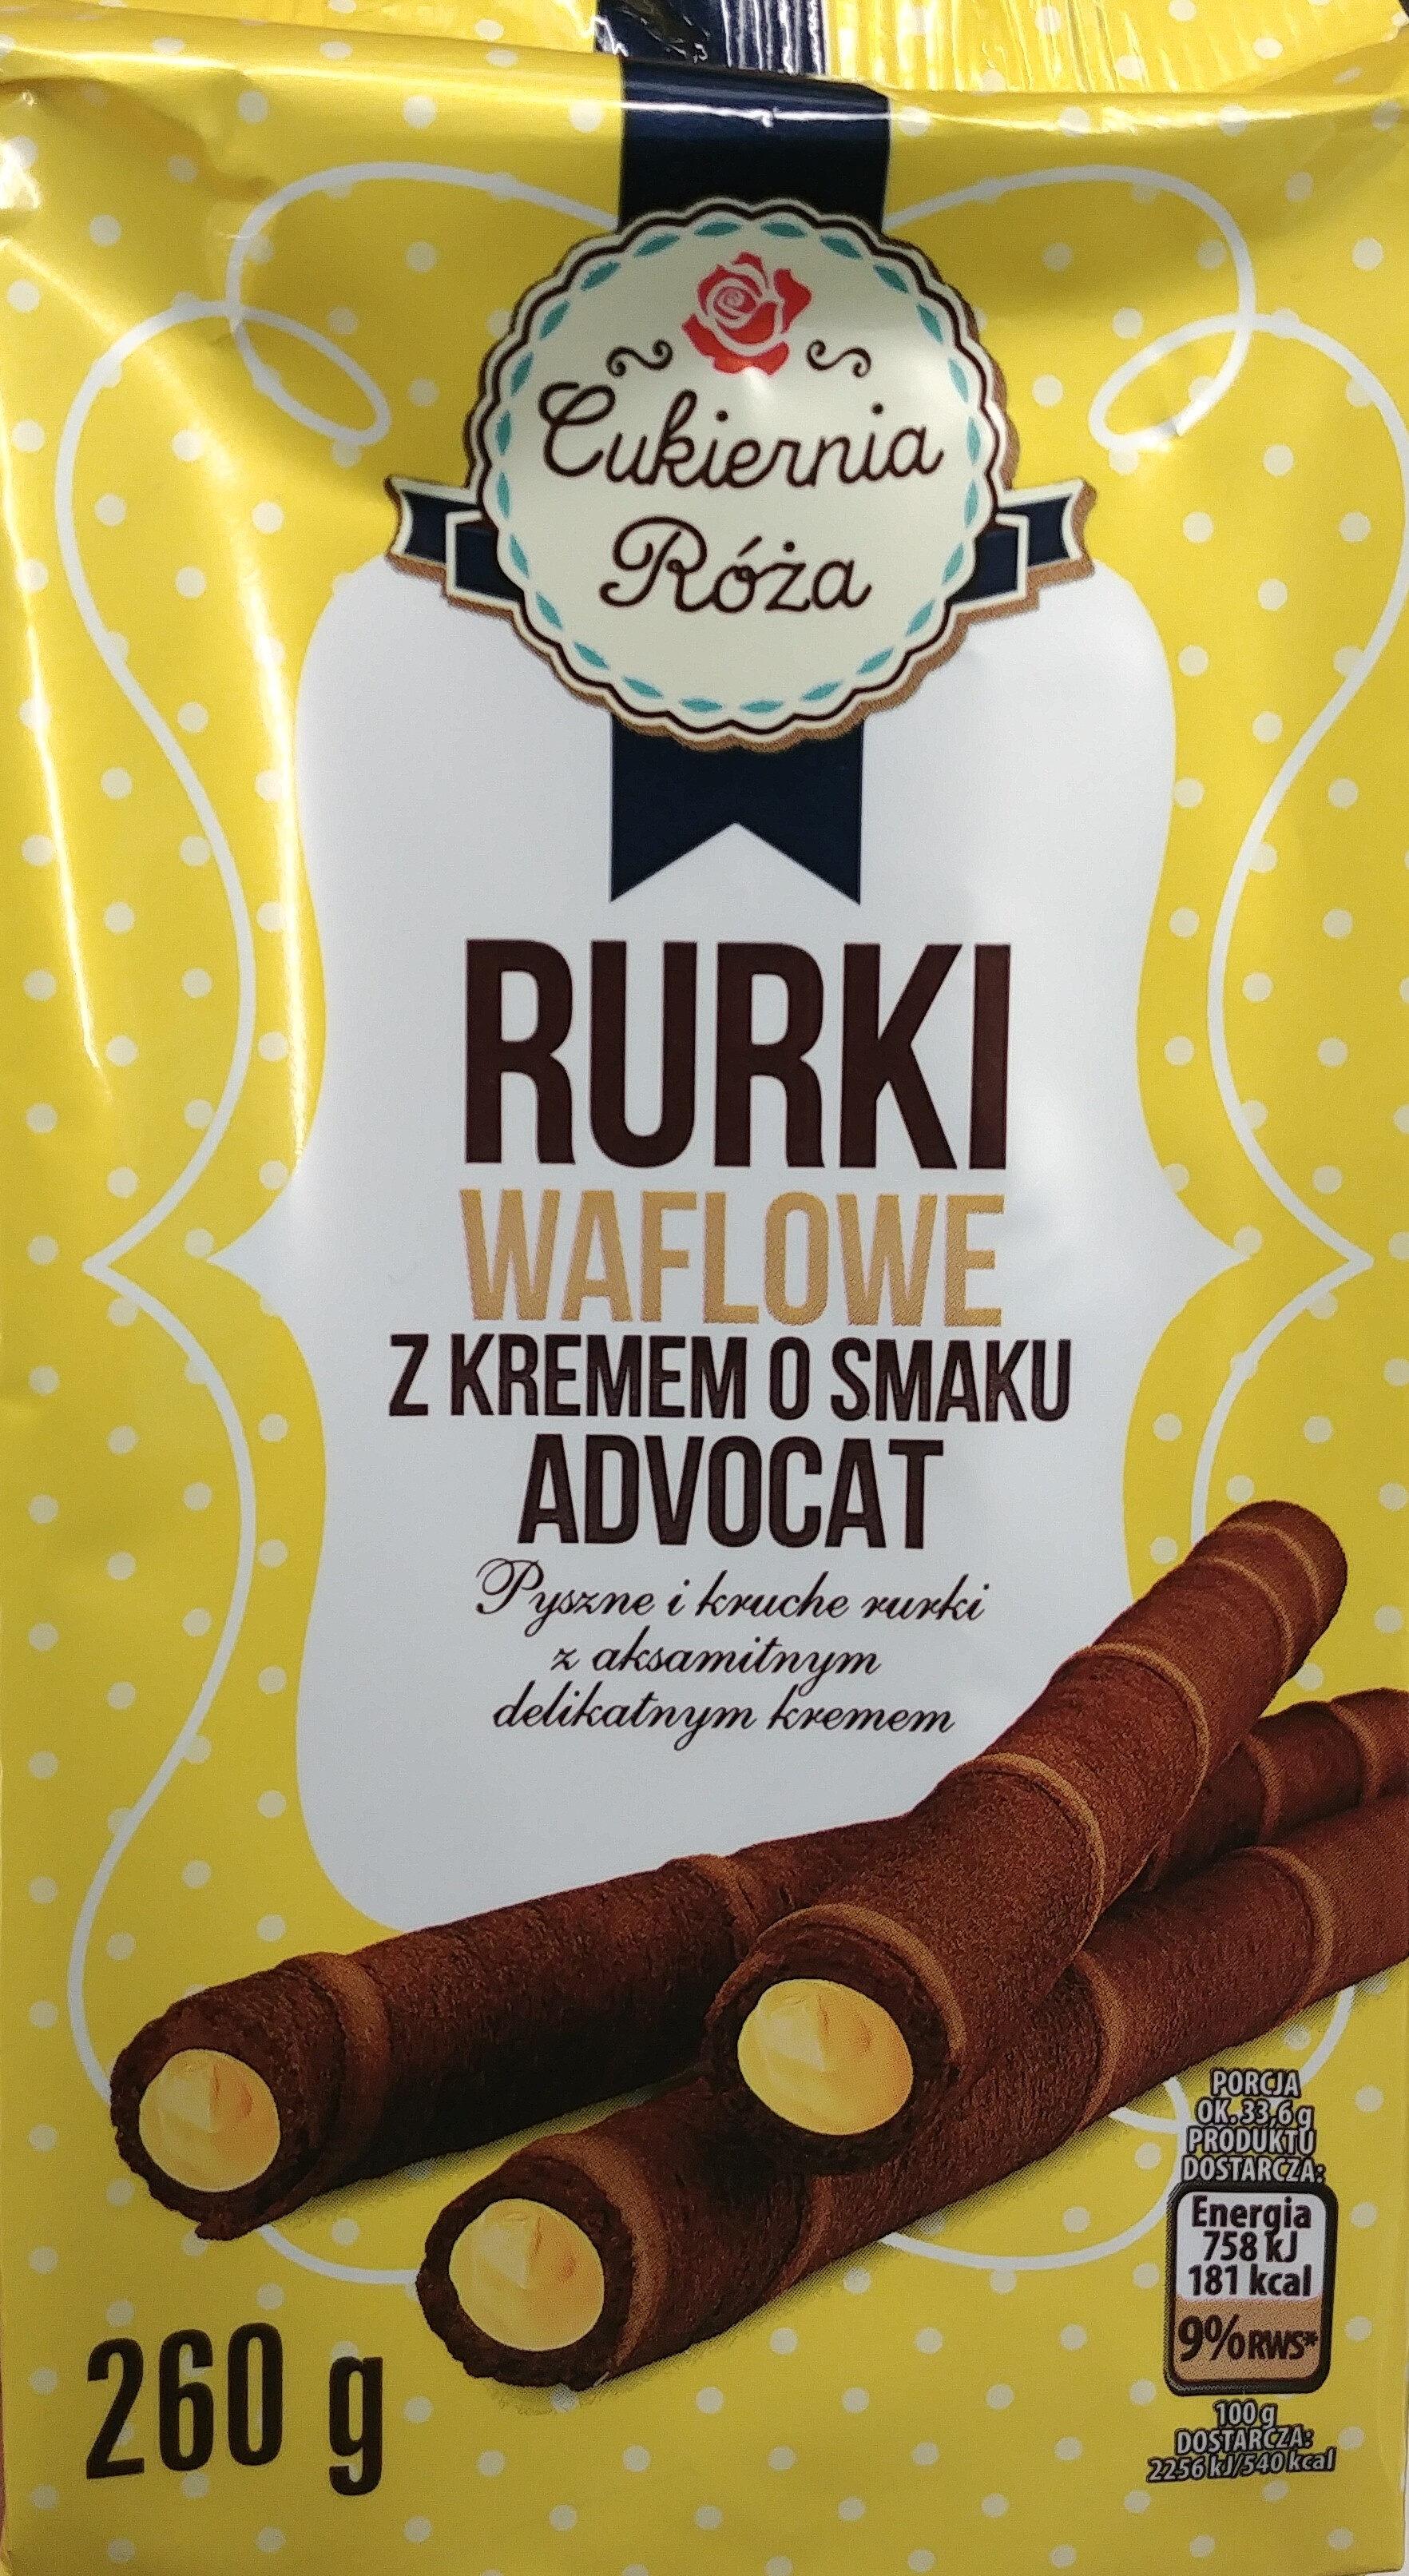 Rurki waflowe z kremem o smaku adwokatowym (60%) - Produkt - pl